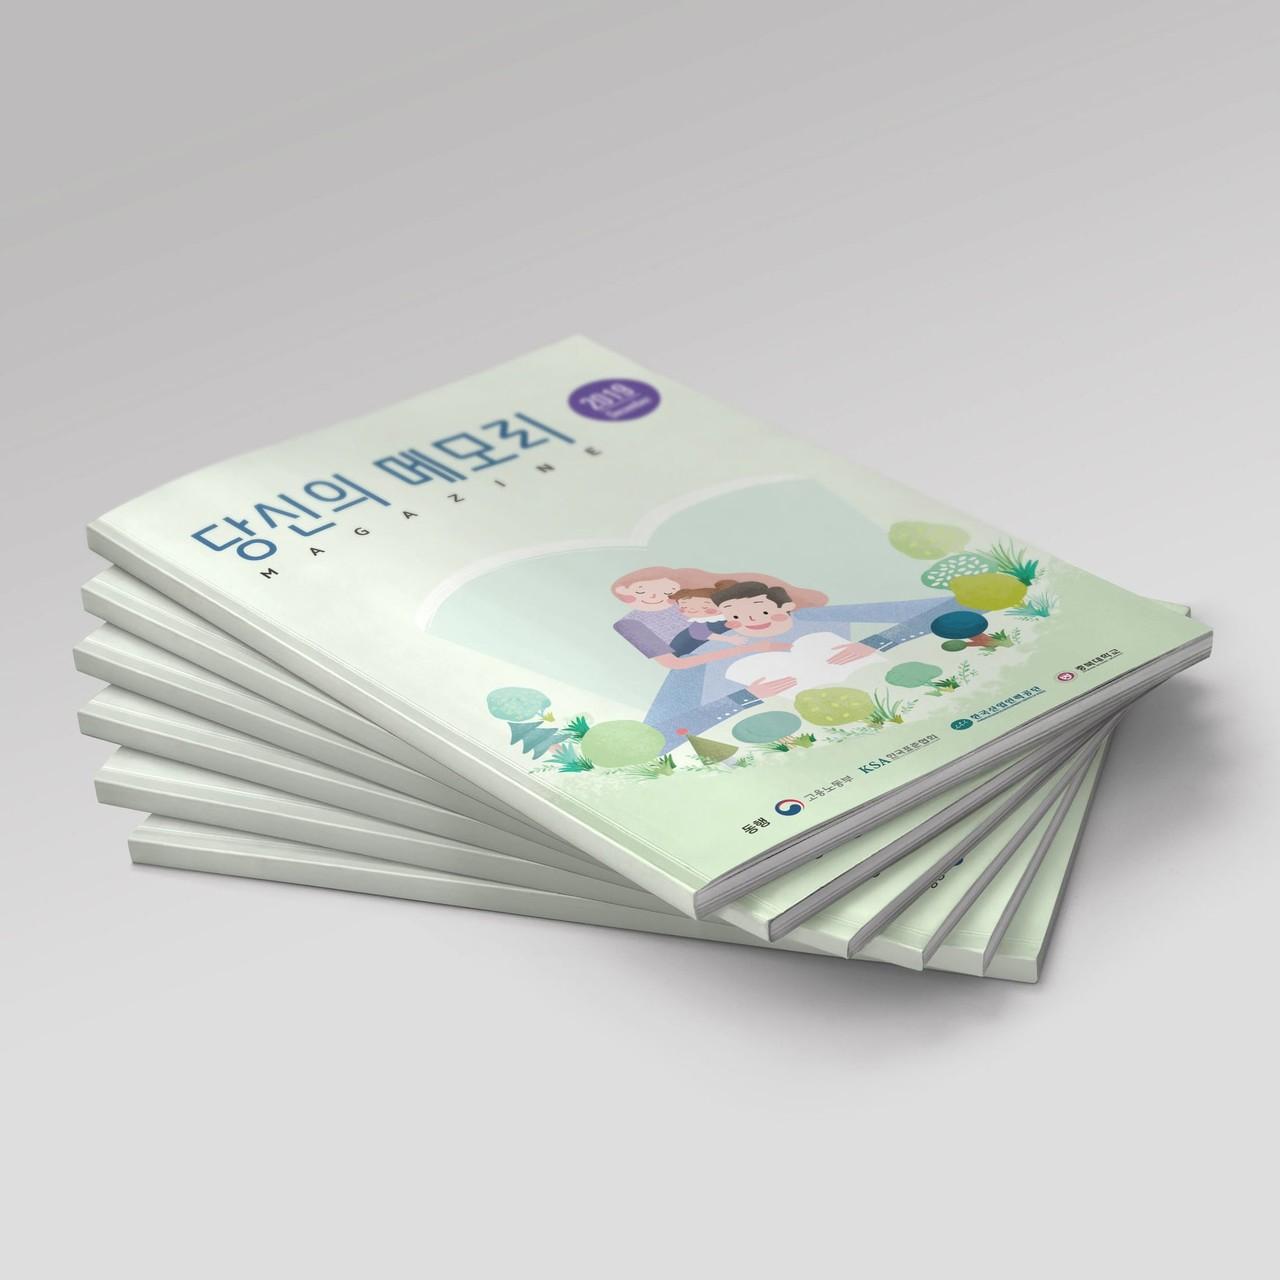 당신의 메모리 매거진 디자인 시안 - 충북대학교